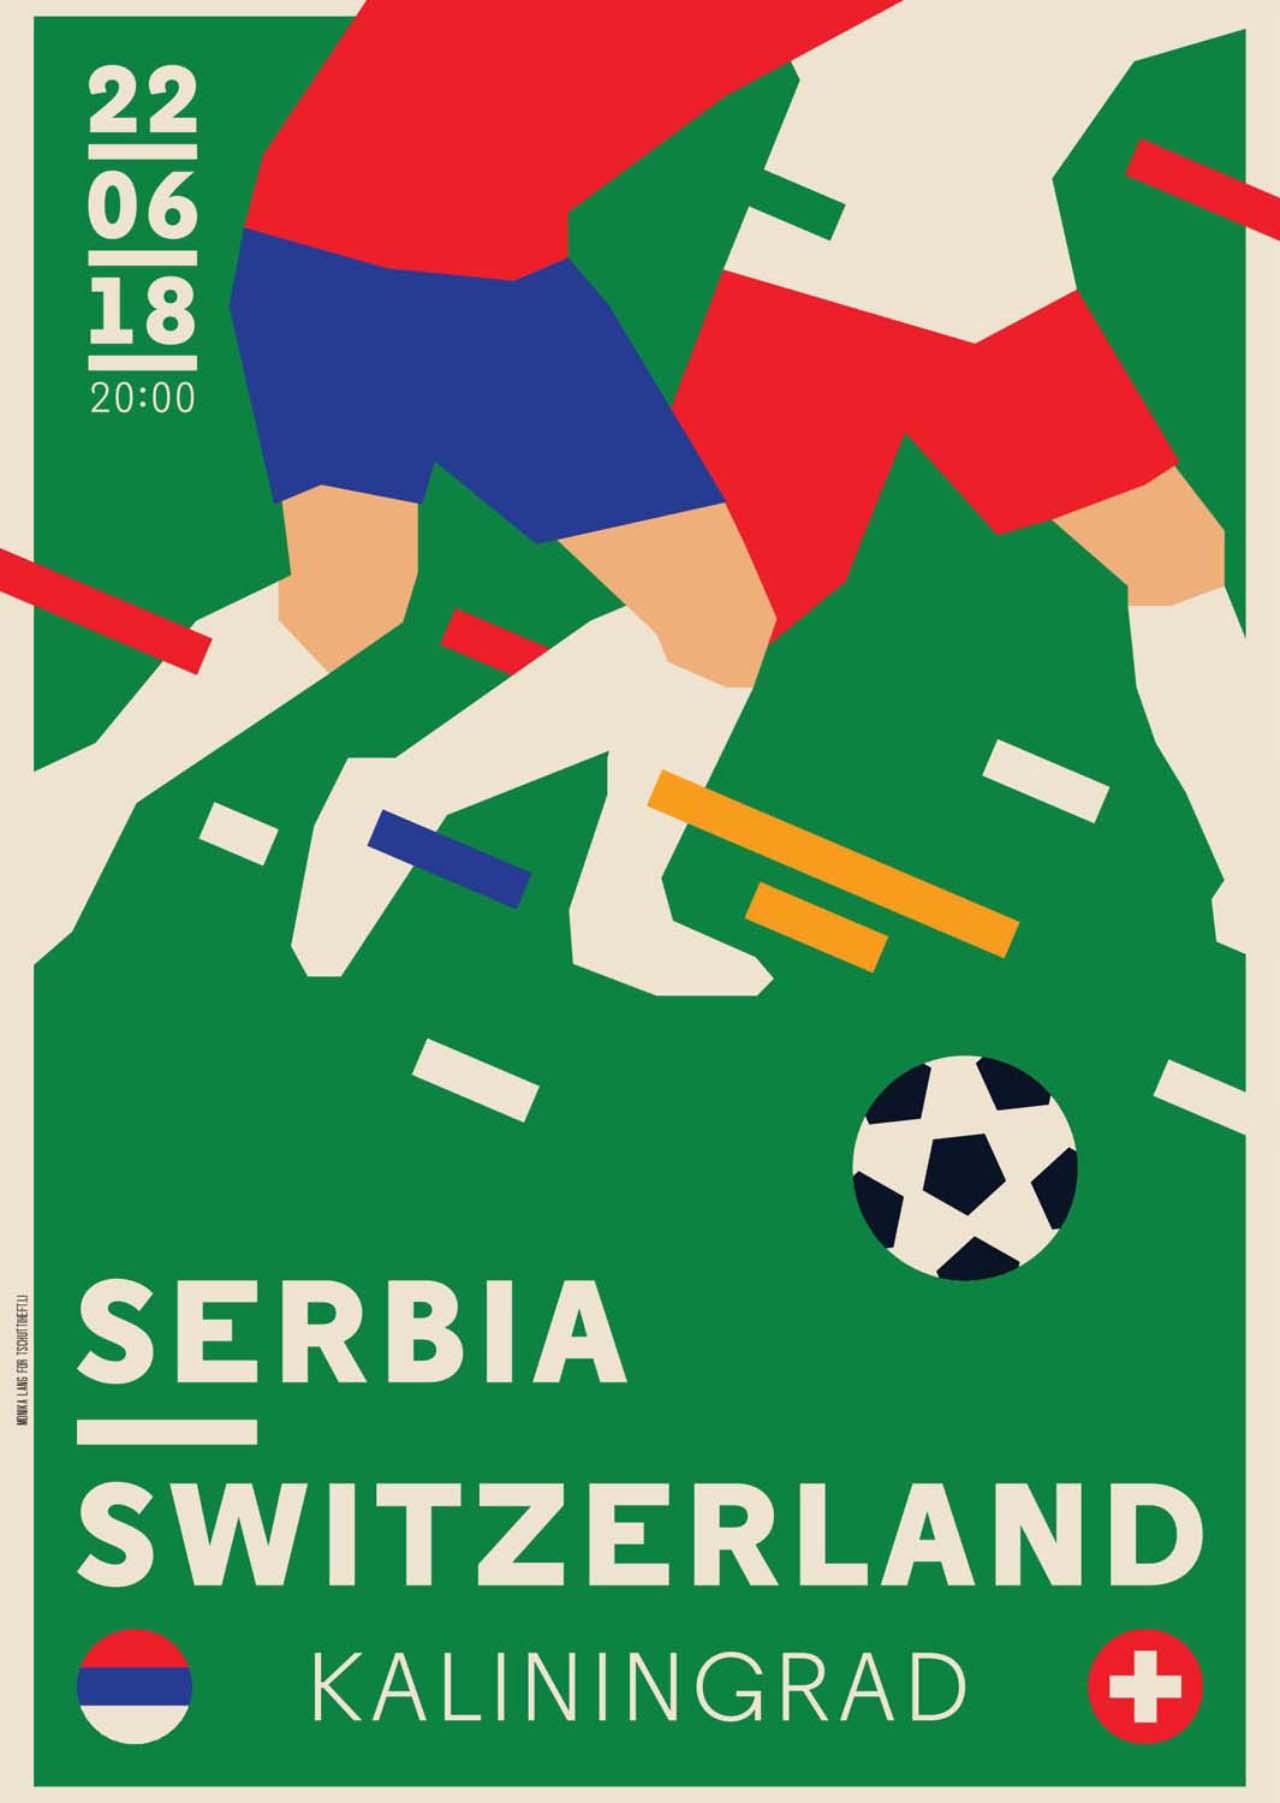 Tschutti Heftli Matchplakat Serbien Schweiz